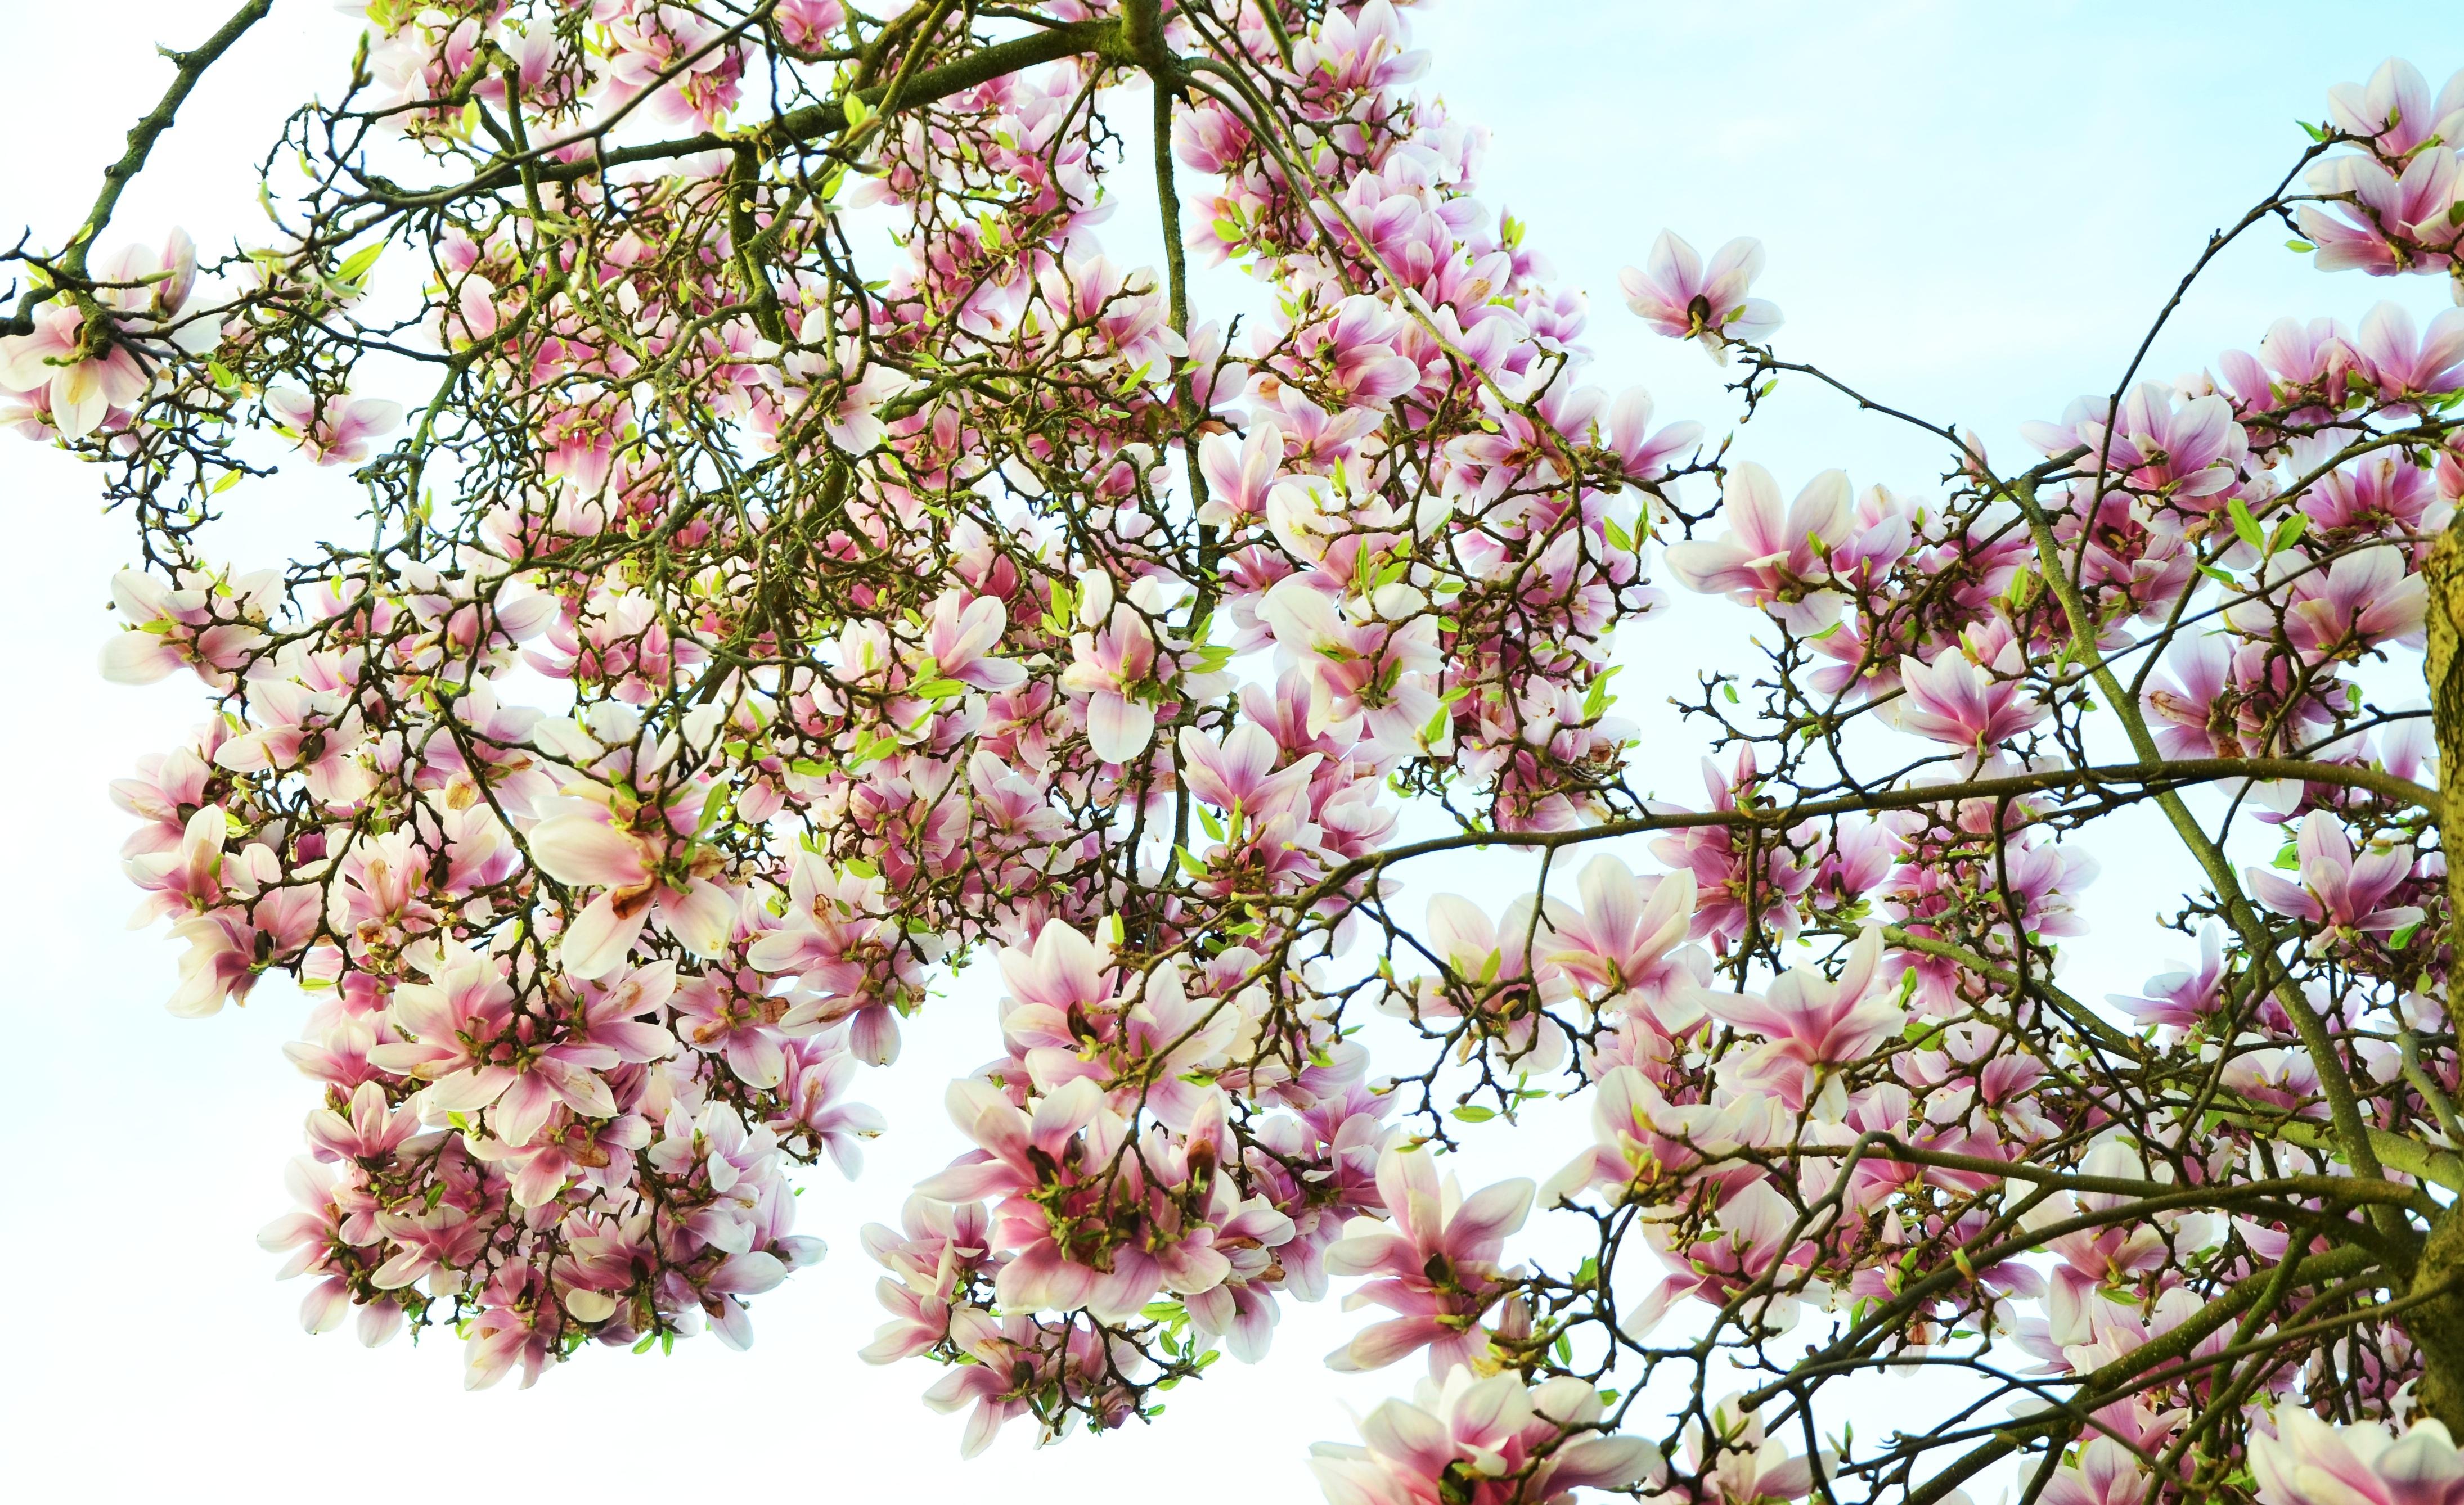 Free Images Branch Leaf Flower Petal Spring Produce Botany